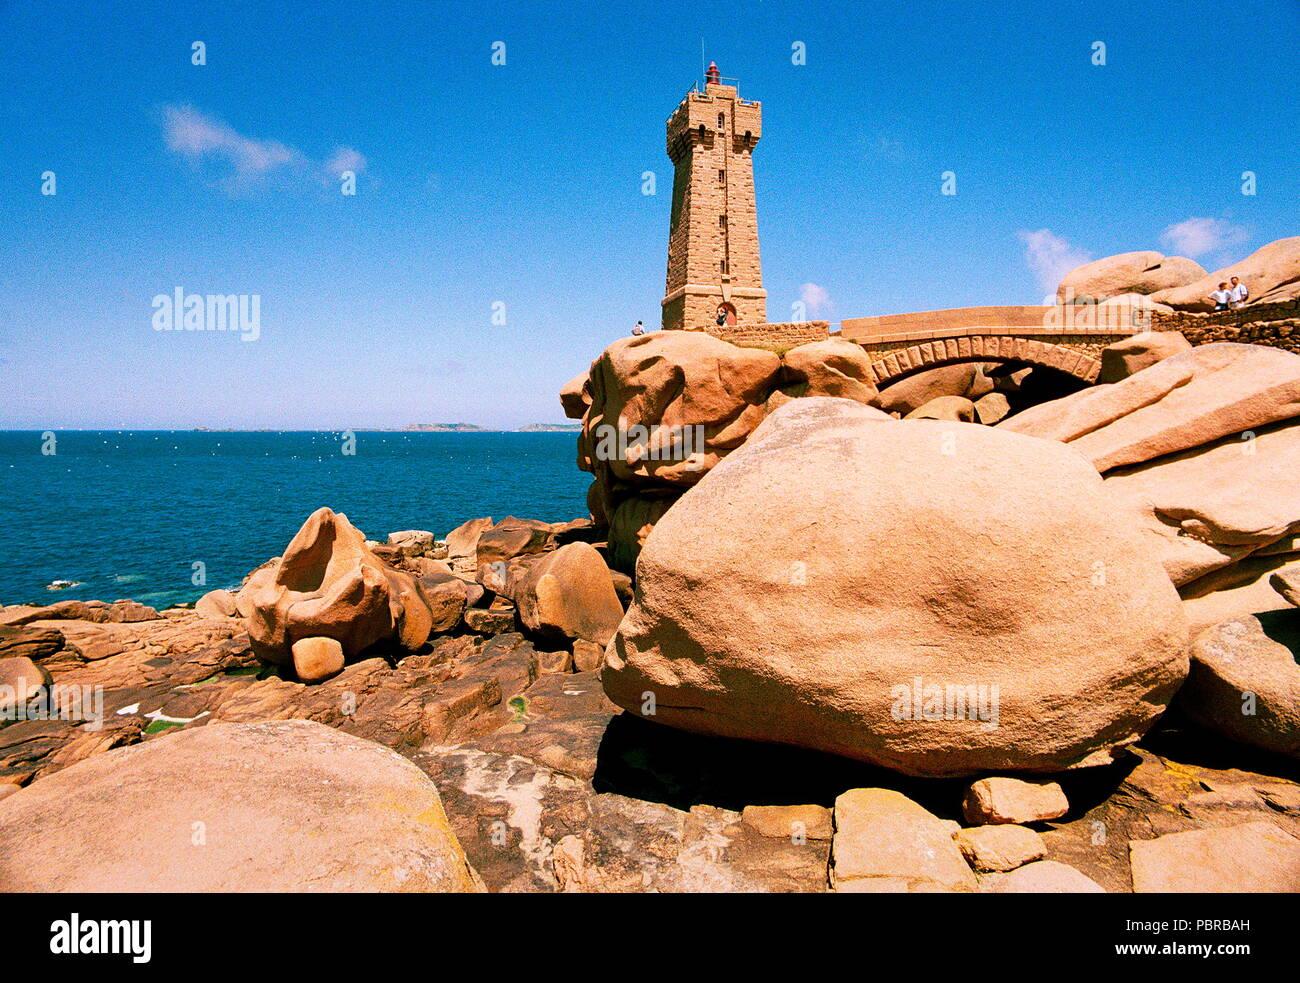 AJAXNETPHOTO. PLAGE DE TRÉGASTEL, FRANCE - BRETAGNE - LE PHARE, PHARE DE ROS PLUS D'EXPÉDITION MET EN GARDE DES DANGERS DE CETTE CÔTE rocheux de granit. PHOTO:JONATHAN EASTLAND/AJAX REF:546617C1/11 Photo Stock